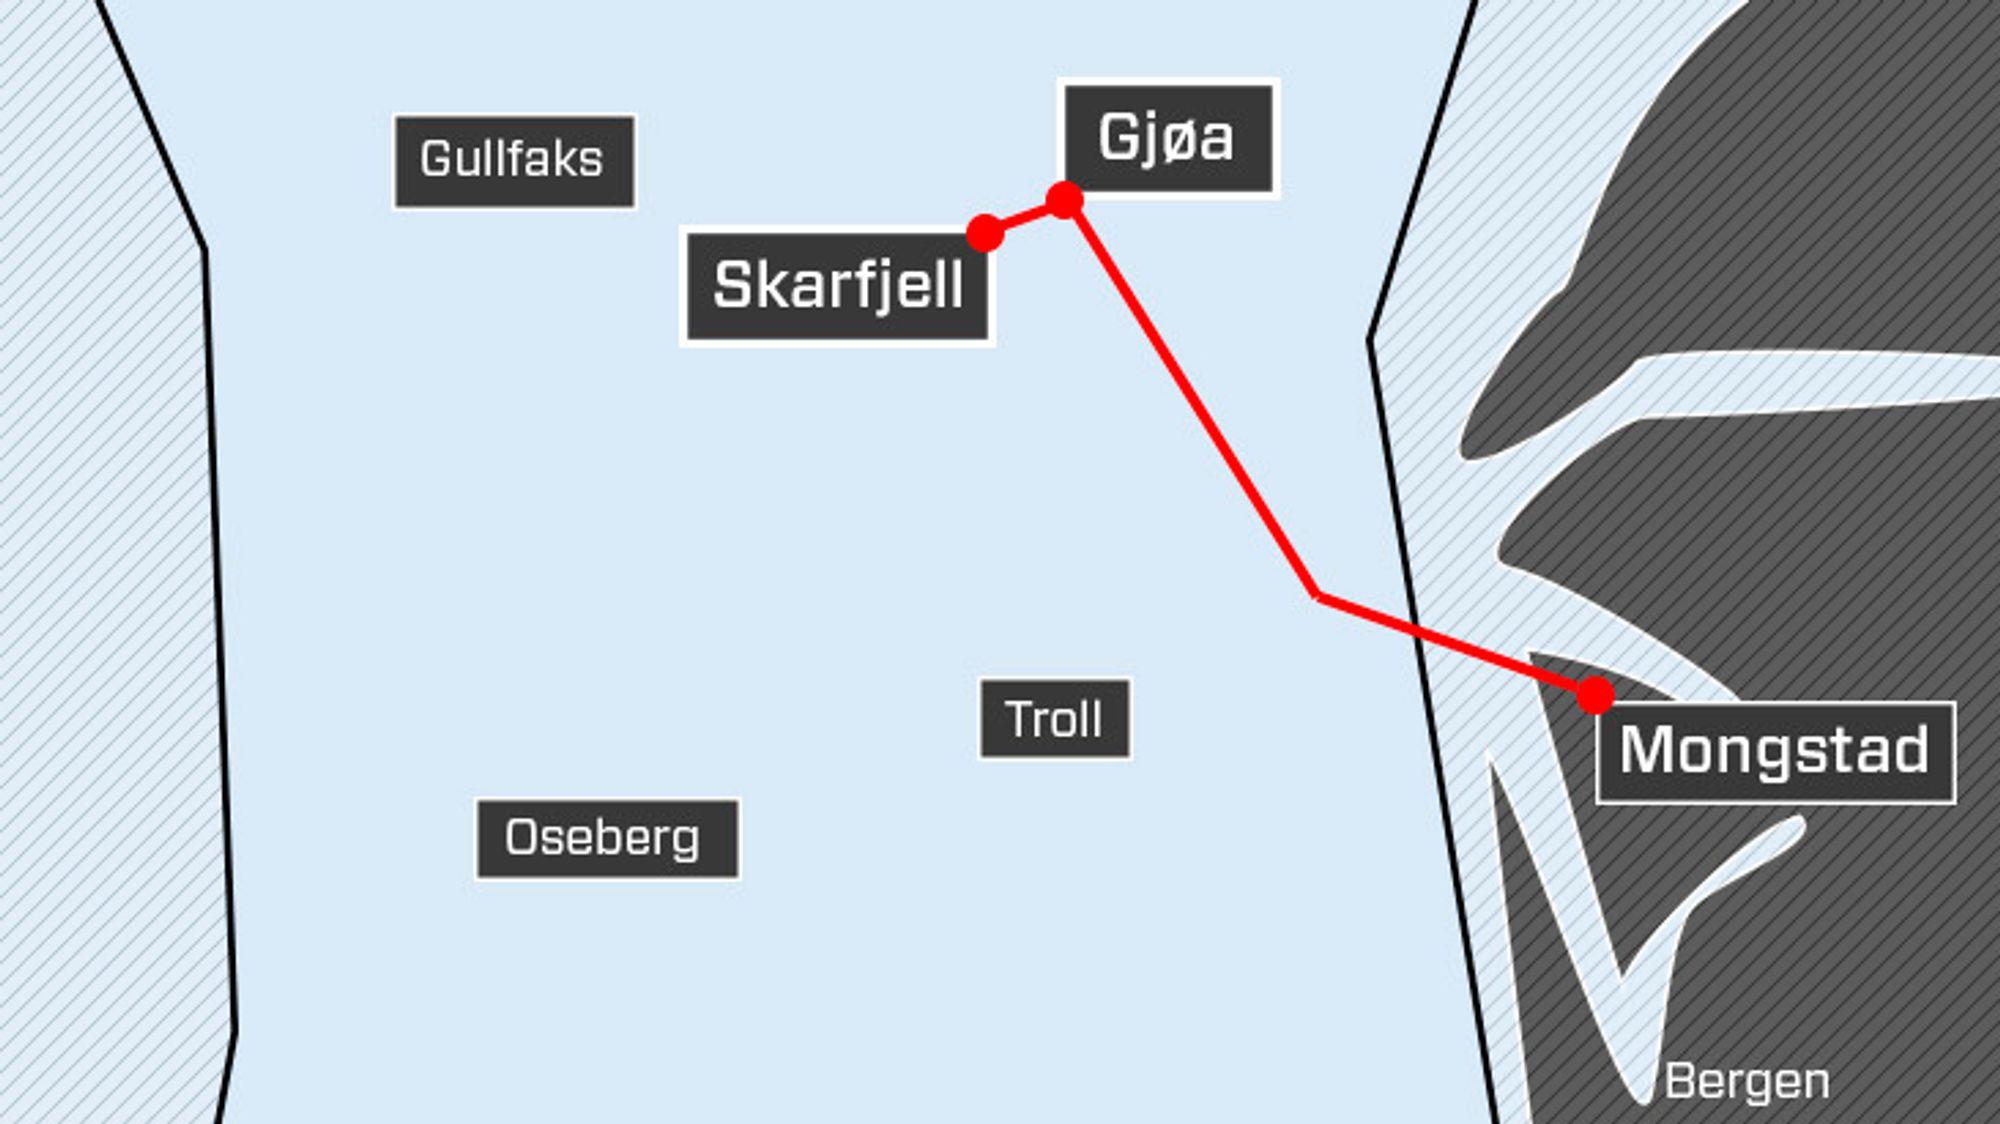 Oljefeltet Skarfjell kan få kraft fra land via Gjøa. Nå har SV sendt inn representantforslag om å kreve elektrifisering av utbyggingen.